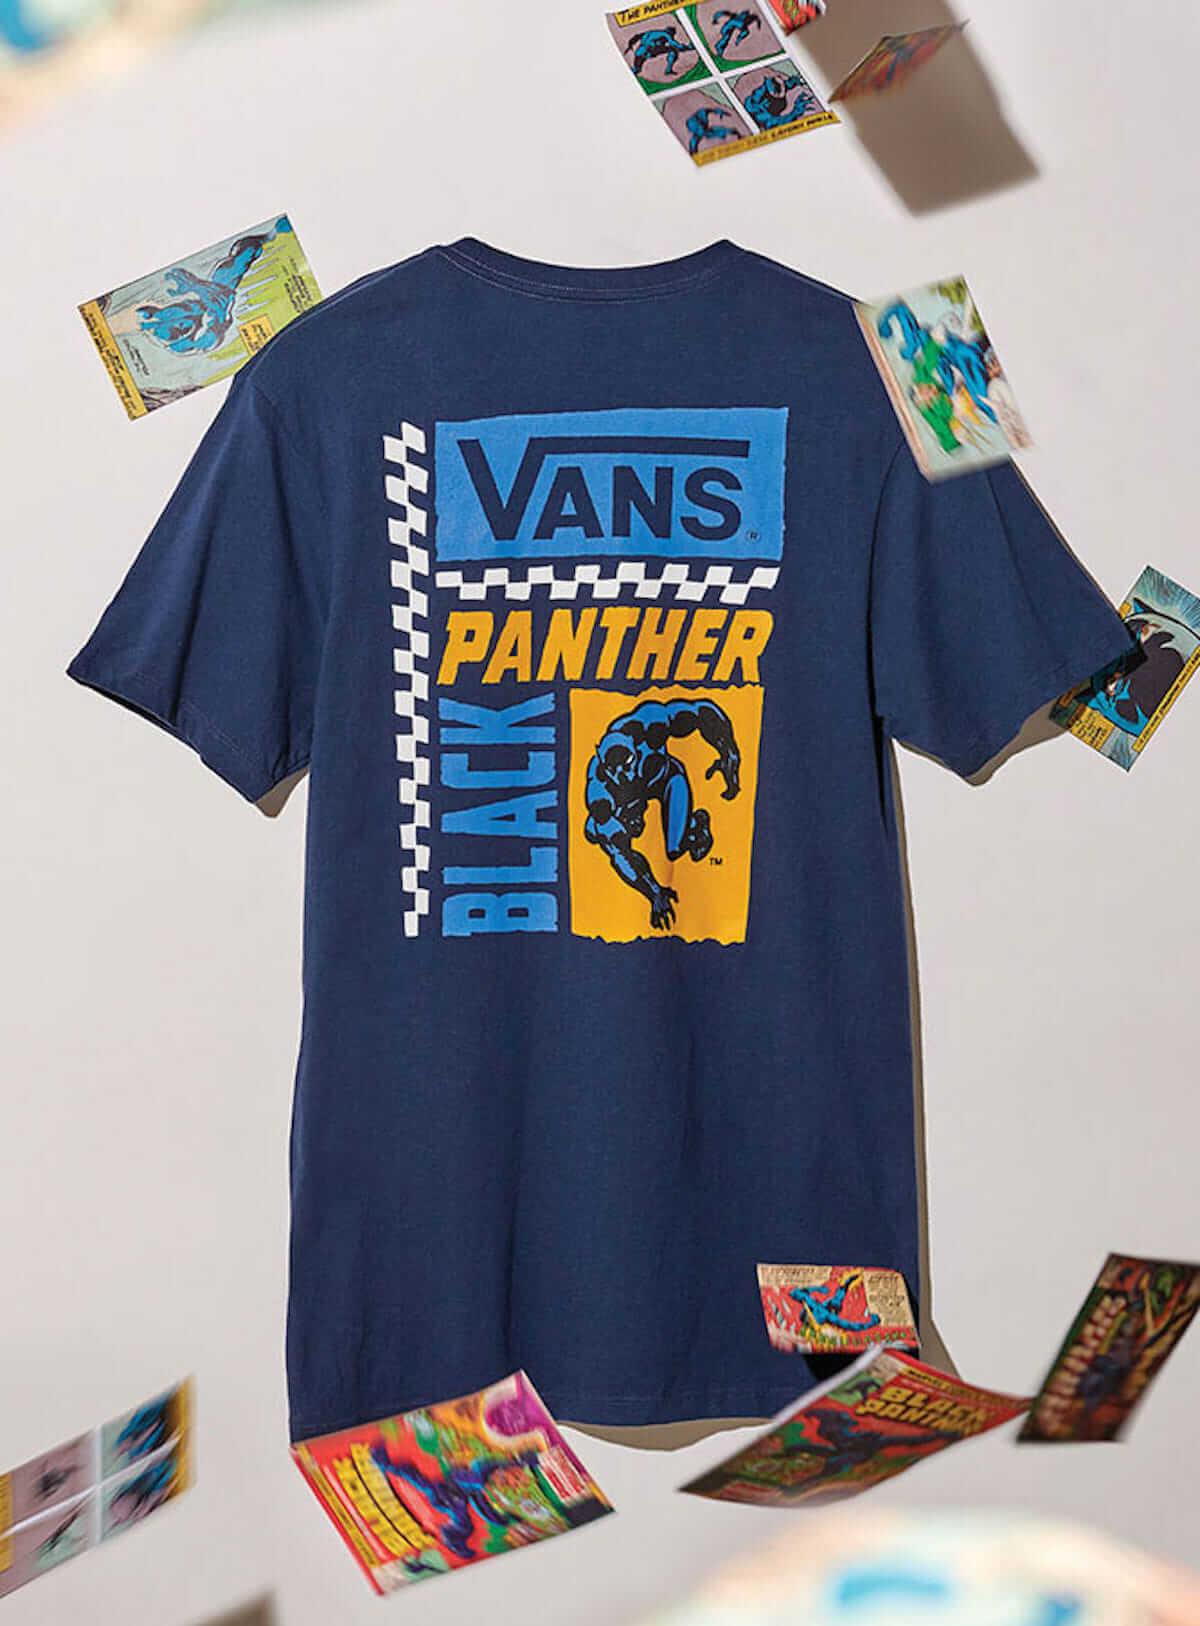 VANS×Marvel コラボシューズ登場!アイアンマン、スパイダーマン、ブラックパンサーなどがマーベル感満載ポップなスニーカーに fashion180615_vans_6-1200x1626